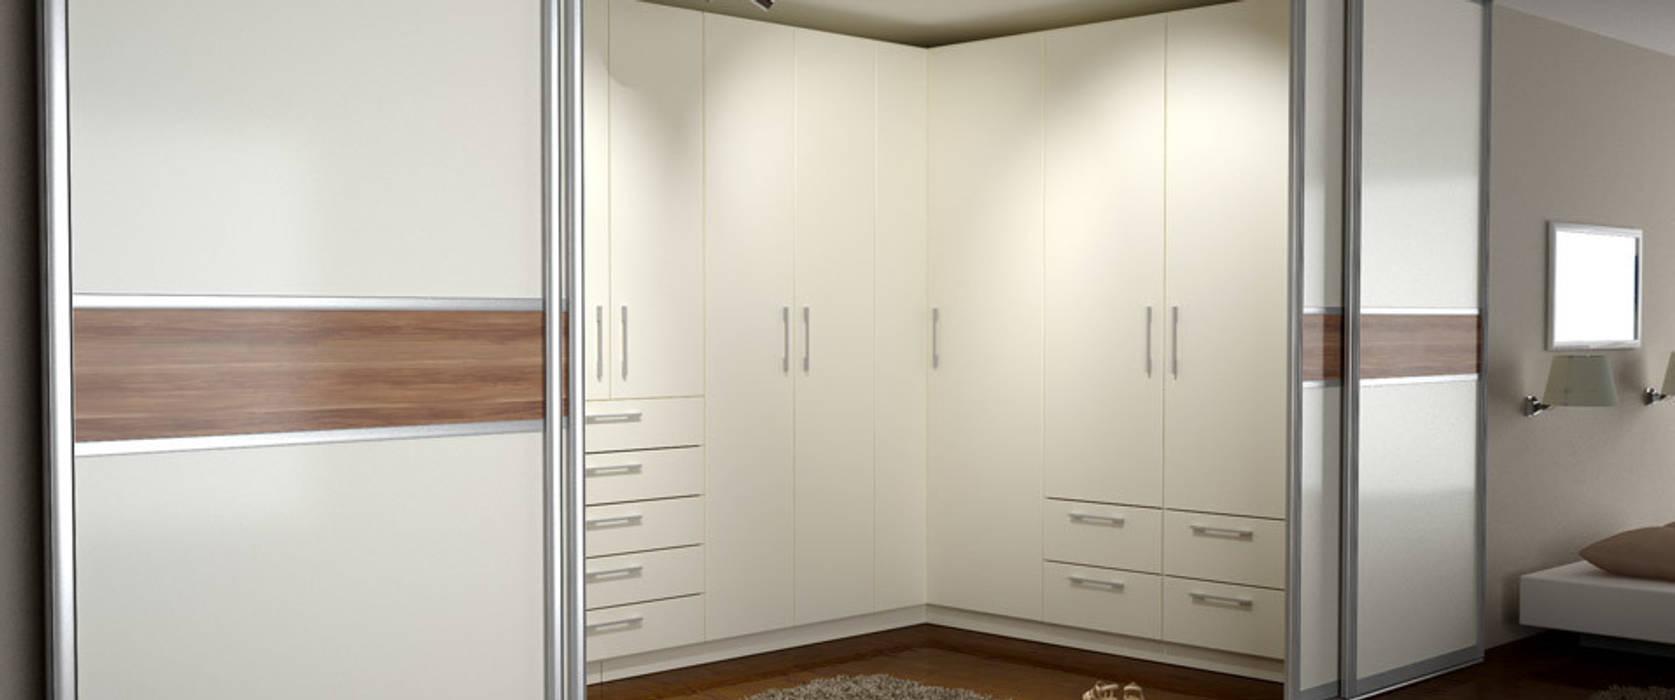 Eckschrank mit schiebetüren: moderne schlafzimmer von deinschrank.de ...